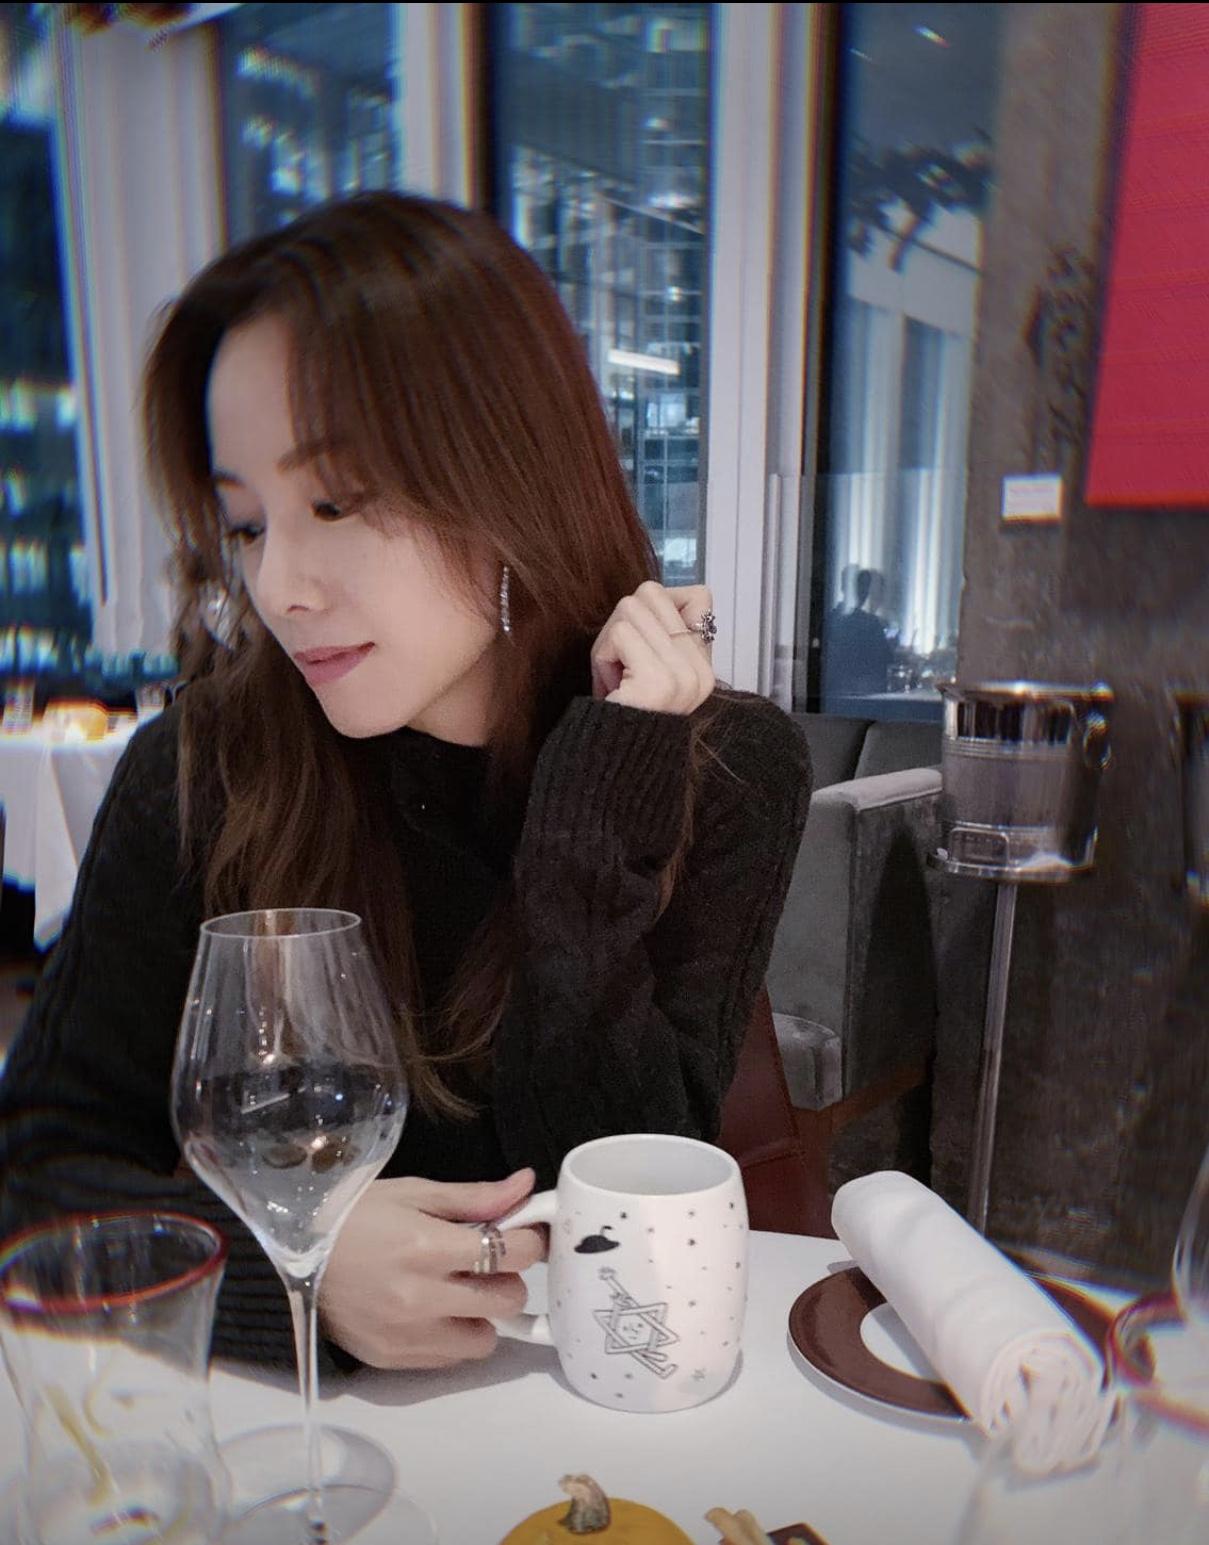 與男友一起合力設計出情人節限量版杯,鄧麗欣更做埋模特兒。